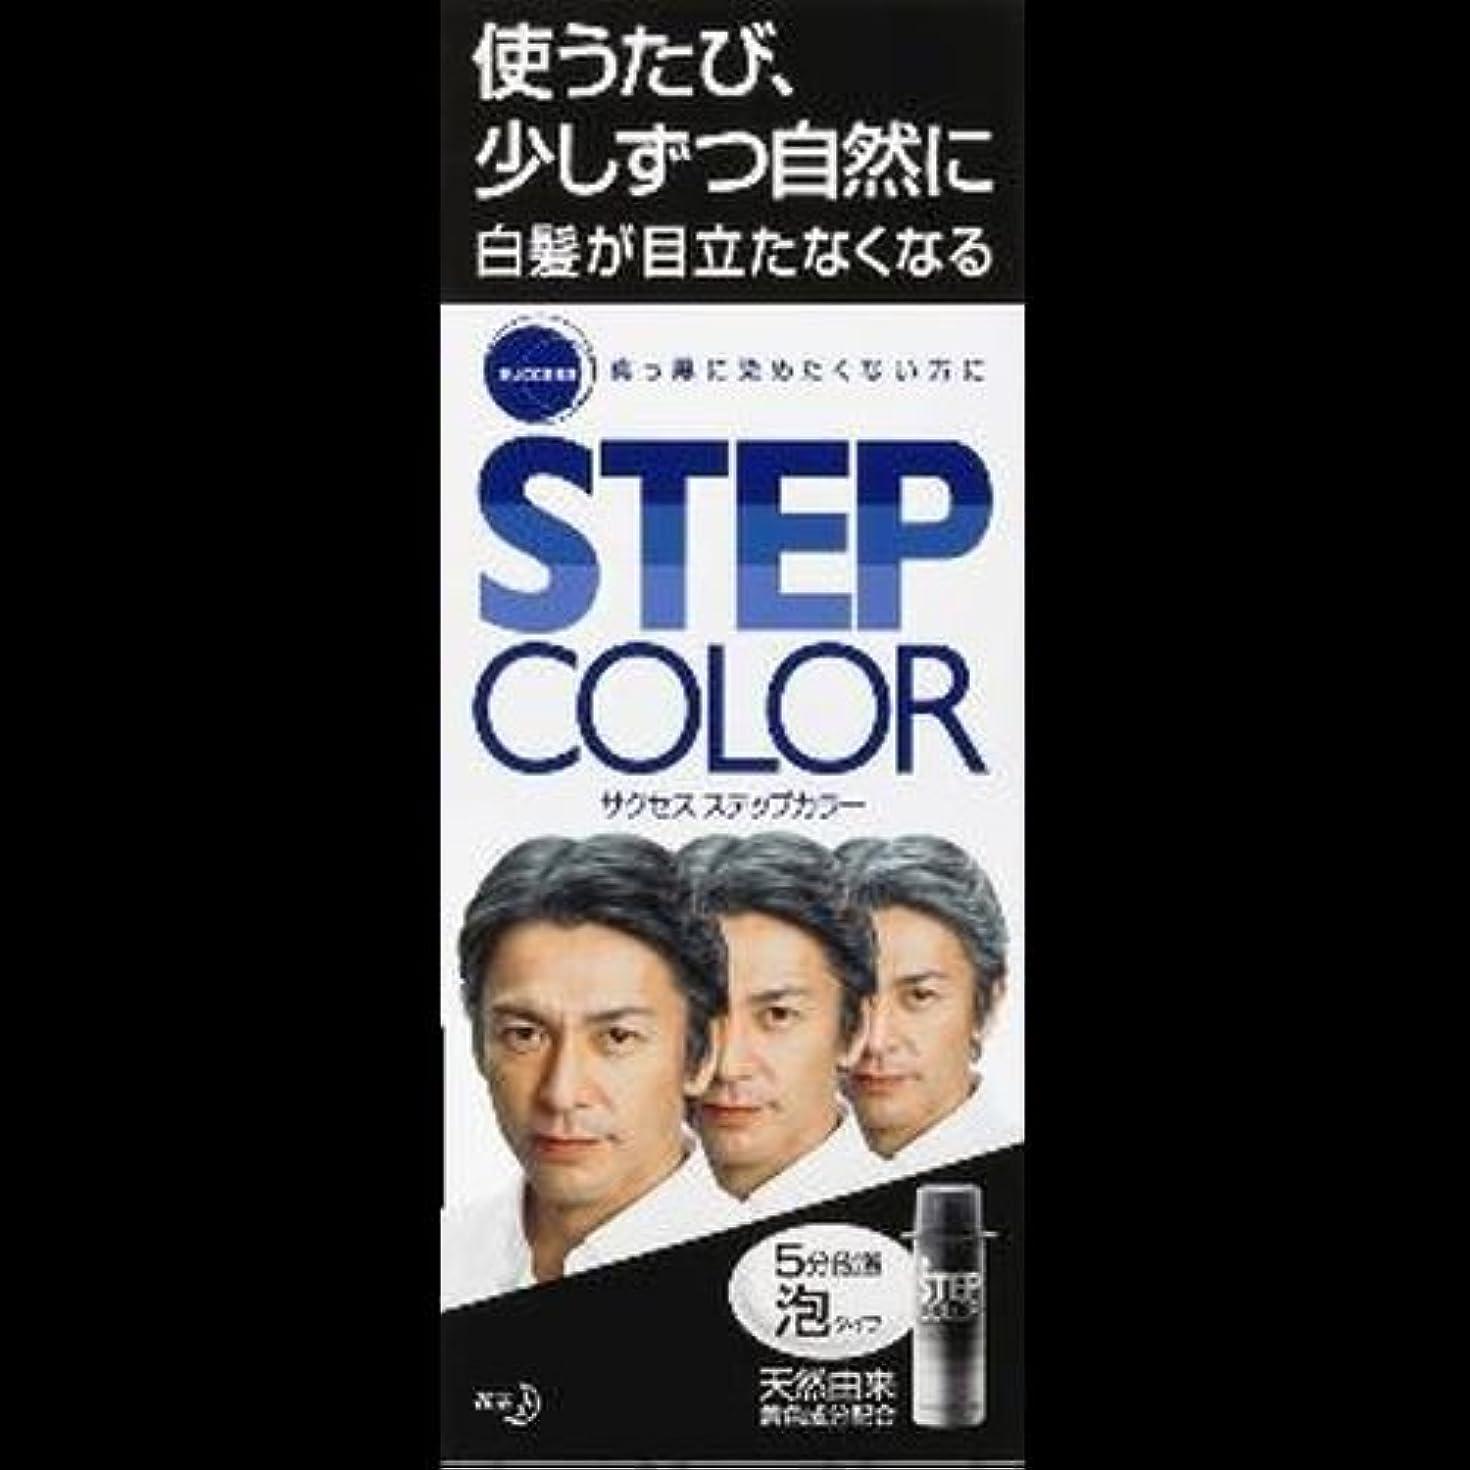 関数ジョージスティーブンソンカストディアン【まとめ買い】サクセス ステップカラー 110g ×2セット